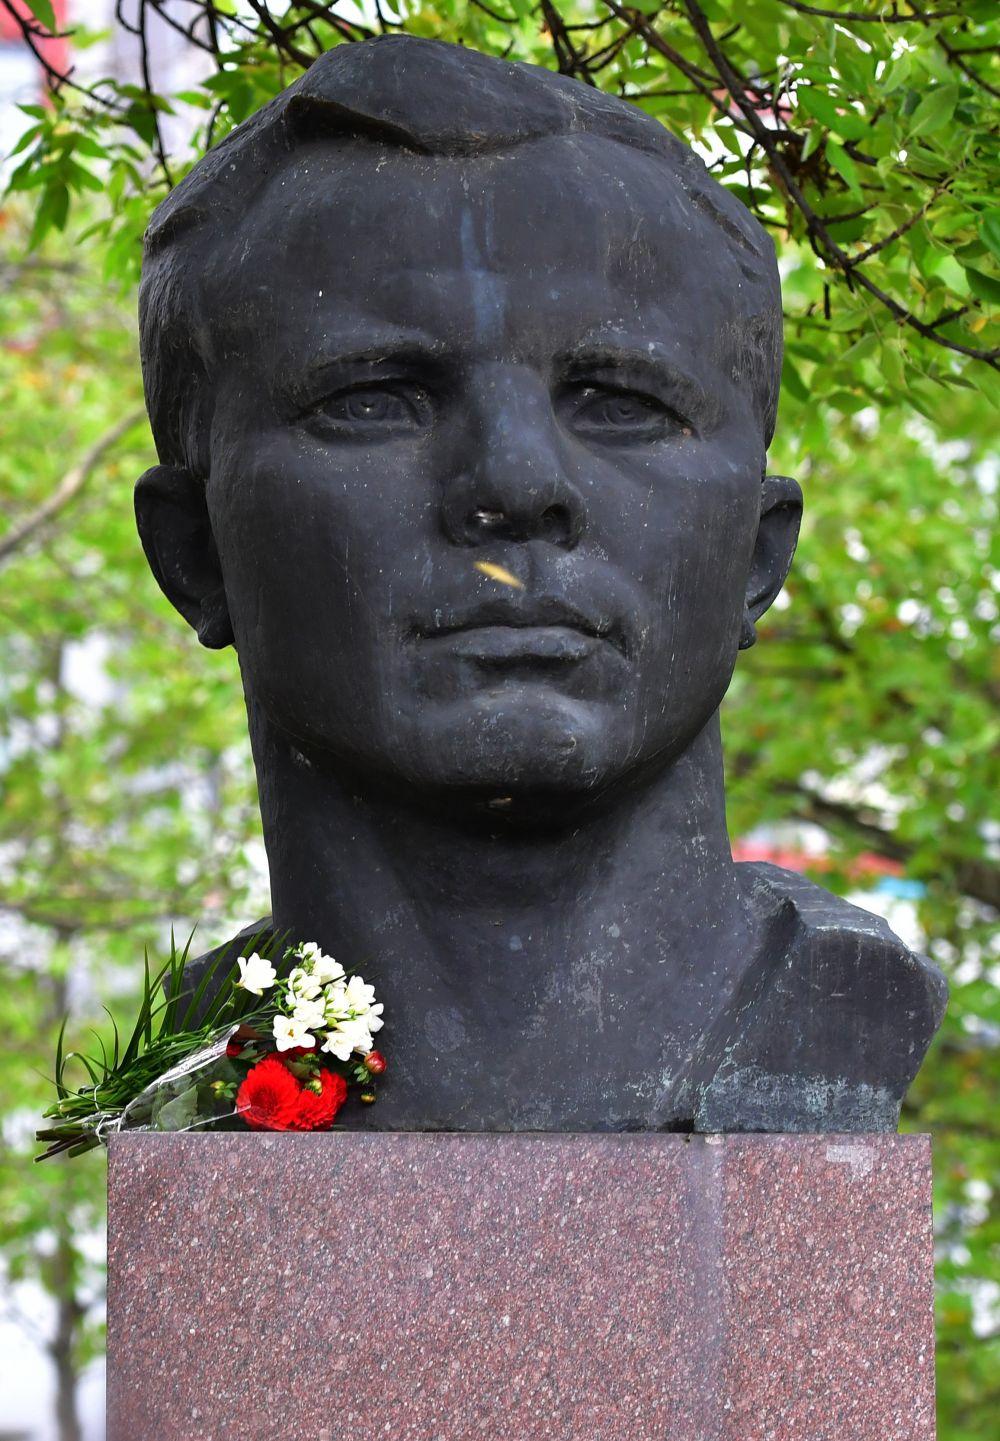 Памятник Гагарину есть и в немецком городе Эрфут, где, после визита космонавта в 1963 году, его именем также назвали одну из улиц.